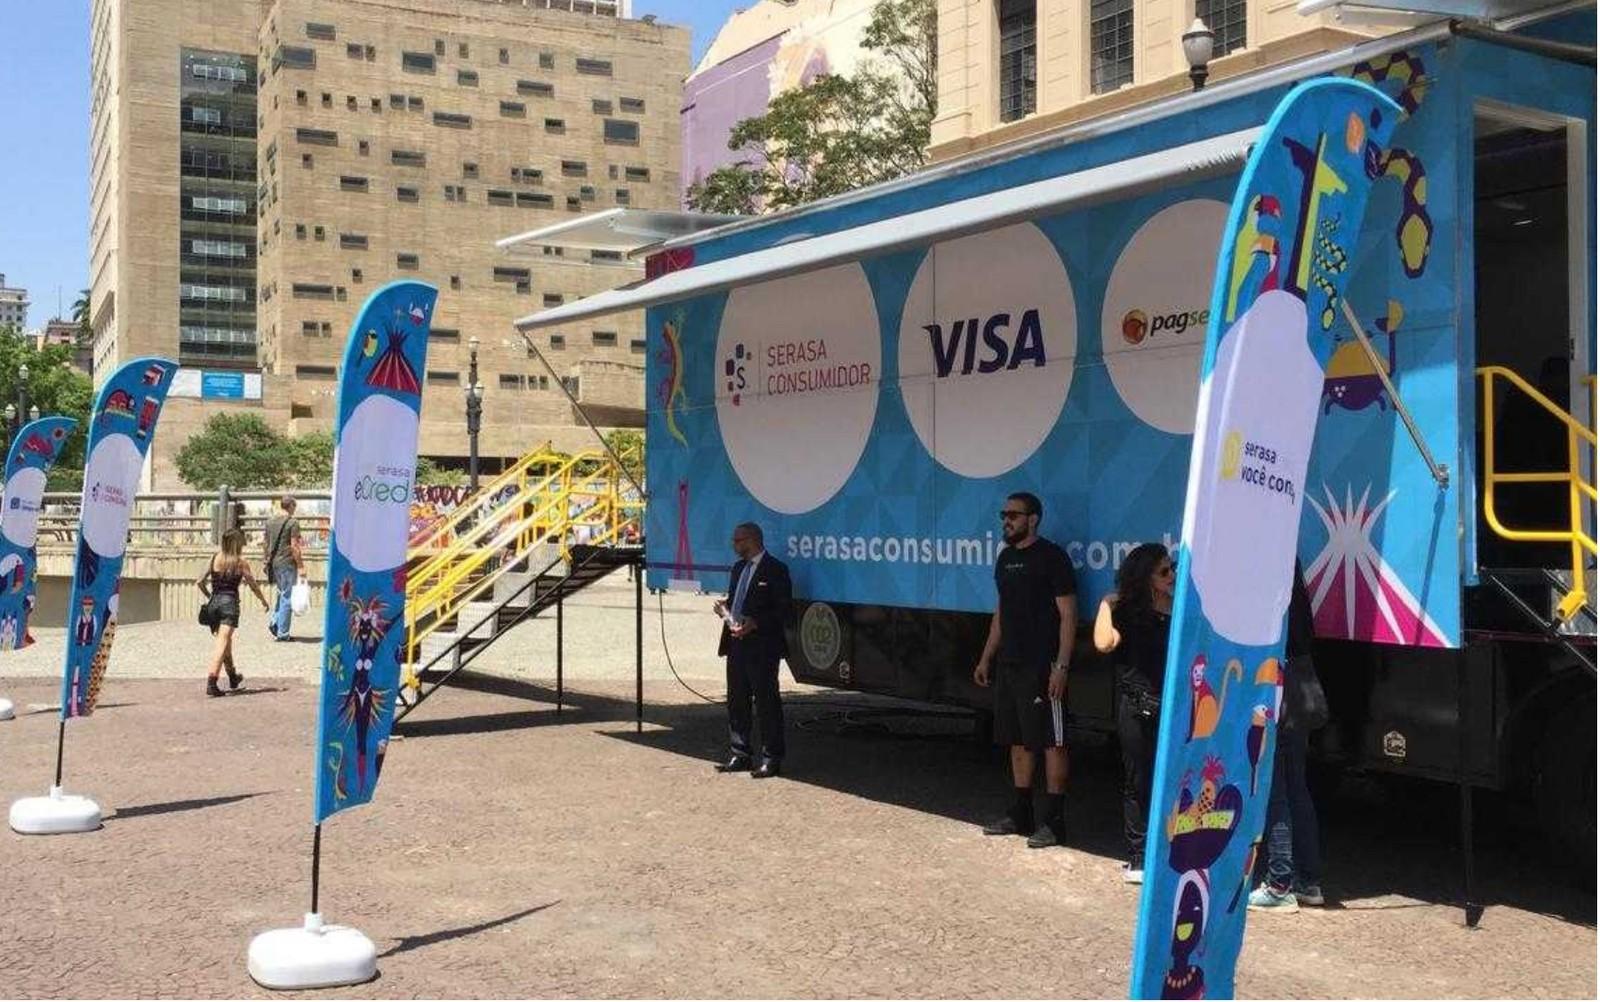 Consumidores de Palmas poderão renegociar dívidas com 15 empresas em caminhão do Serasa